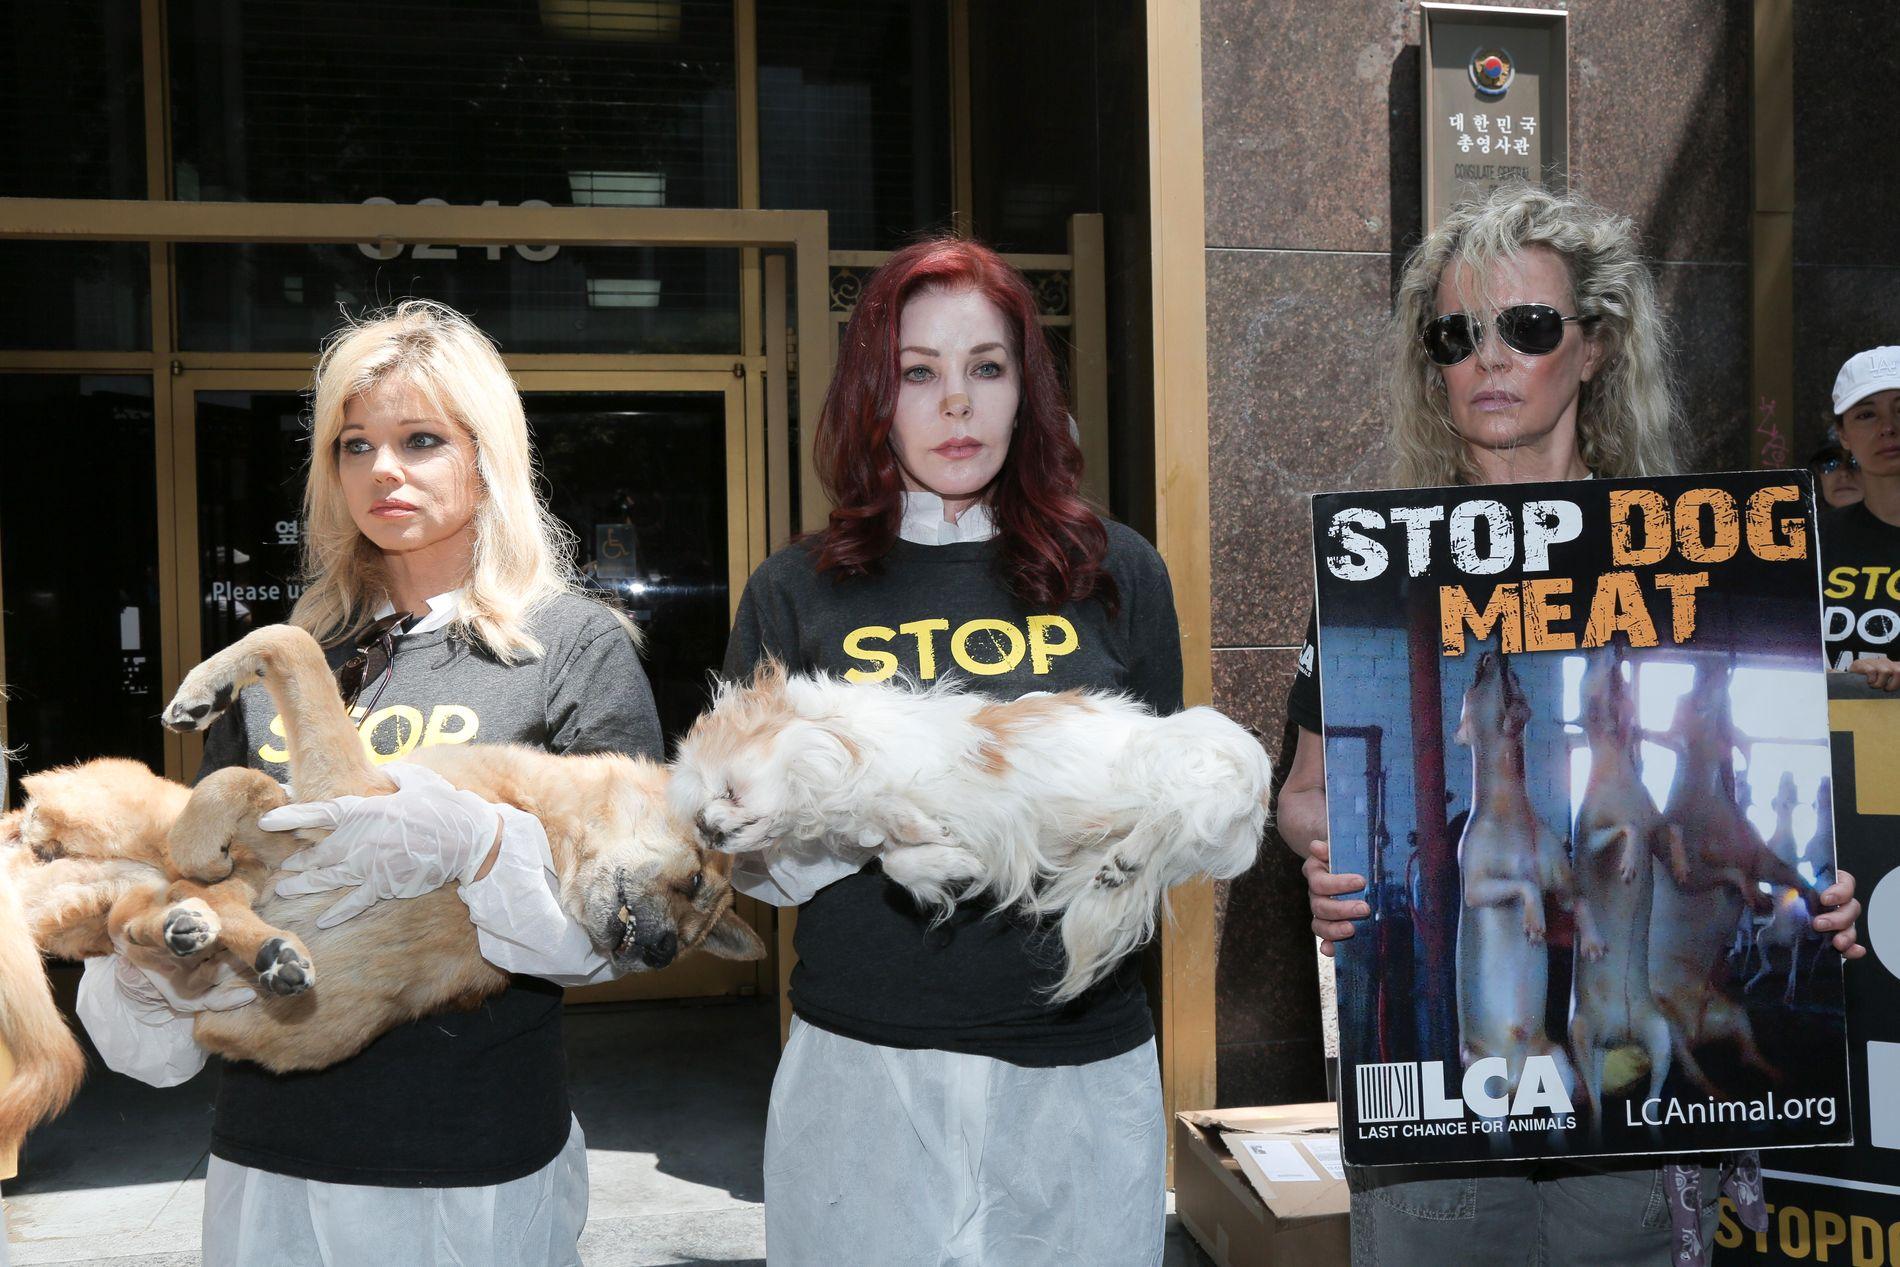 DOMONSTRASJON: Skuespiller Donna D'Errico, Priscilla Presley og Kim Basinger var blant dem som demonstrerte utenfor Sør-Koreas konsulat.